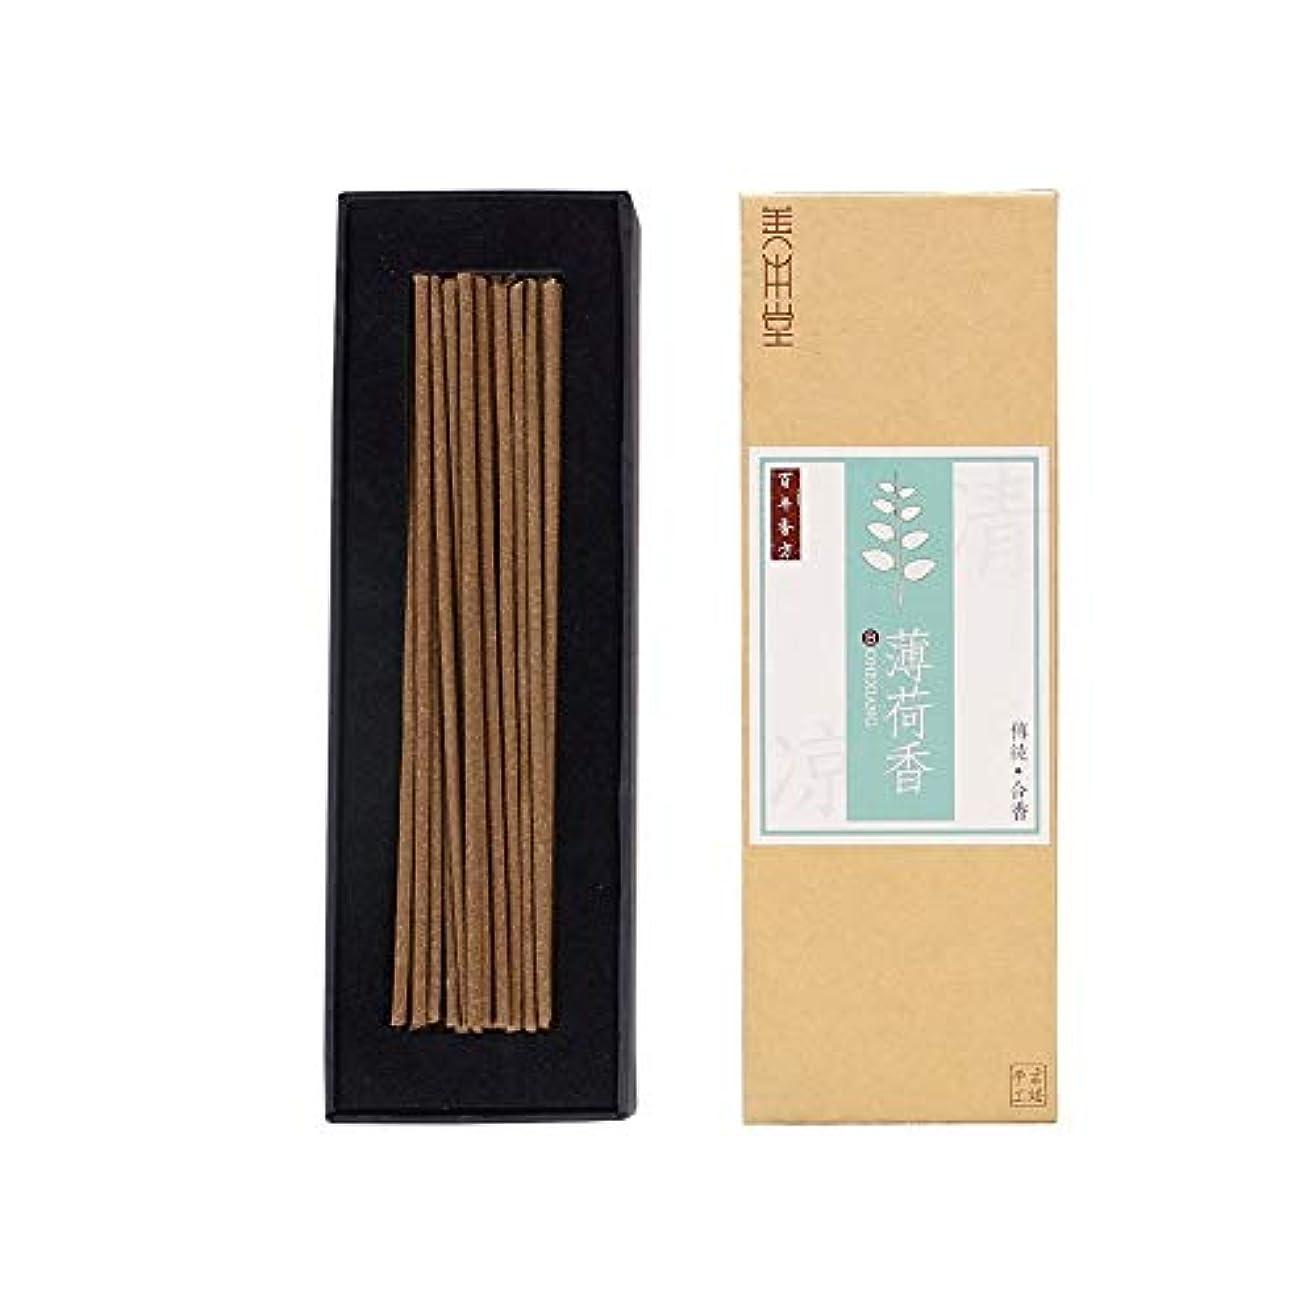 の面ではマージ正確さshanbentang Incense Sticks Classical Chinese Incense、古代の知恵、アロマの千年前、ミント味( 5.5in ) 5.5in ブラウン